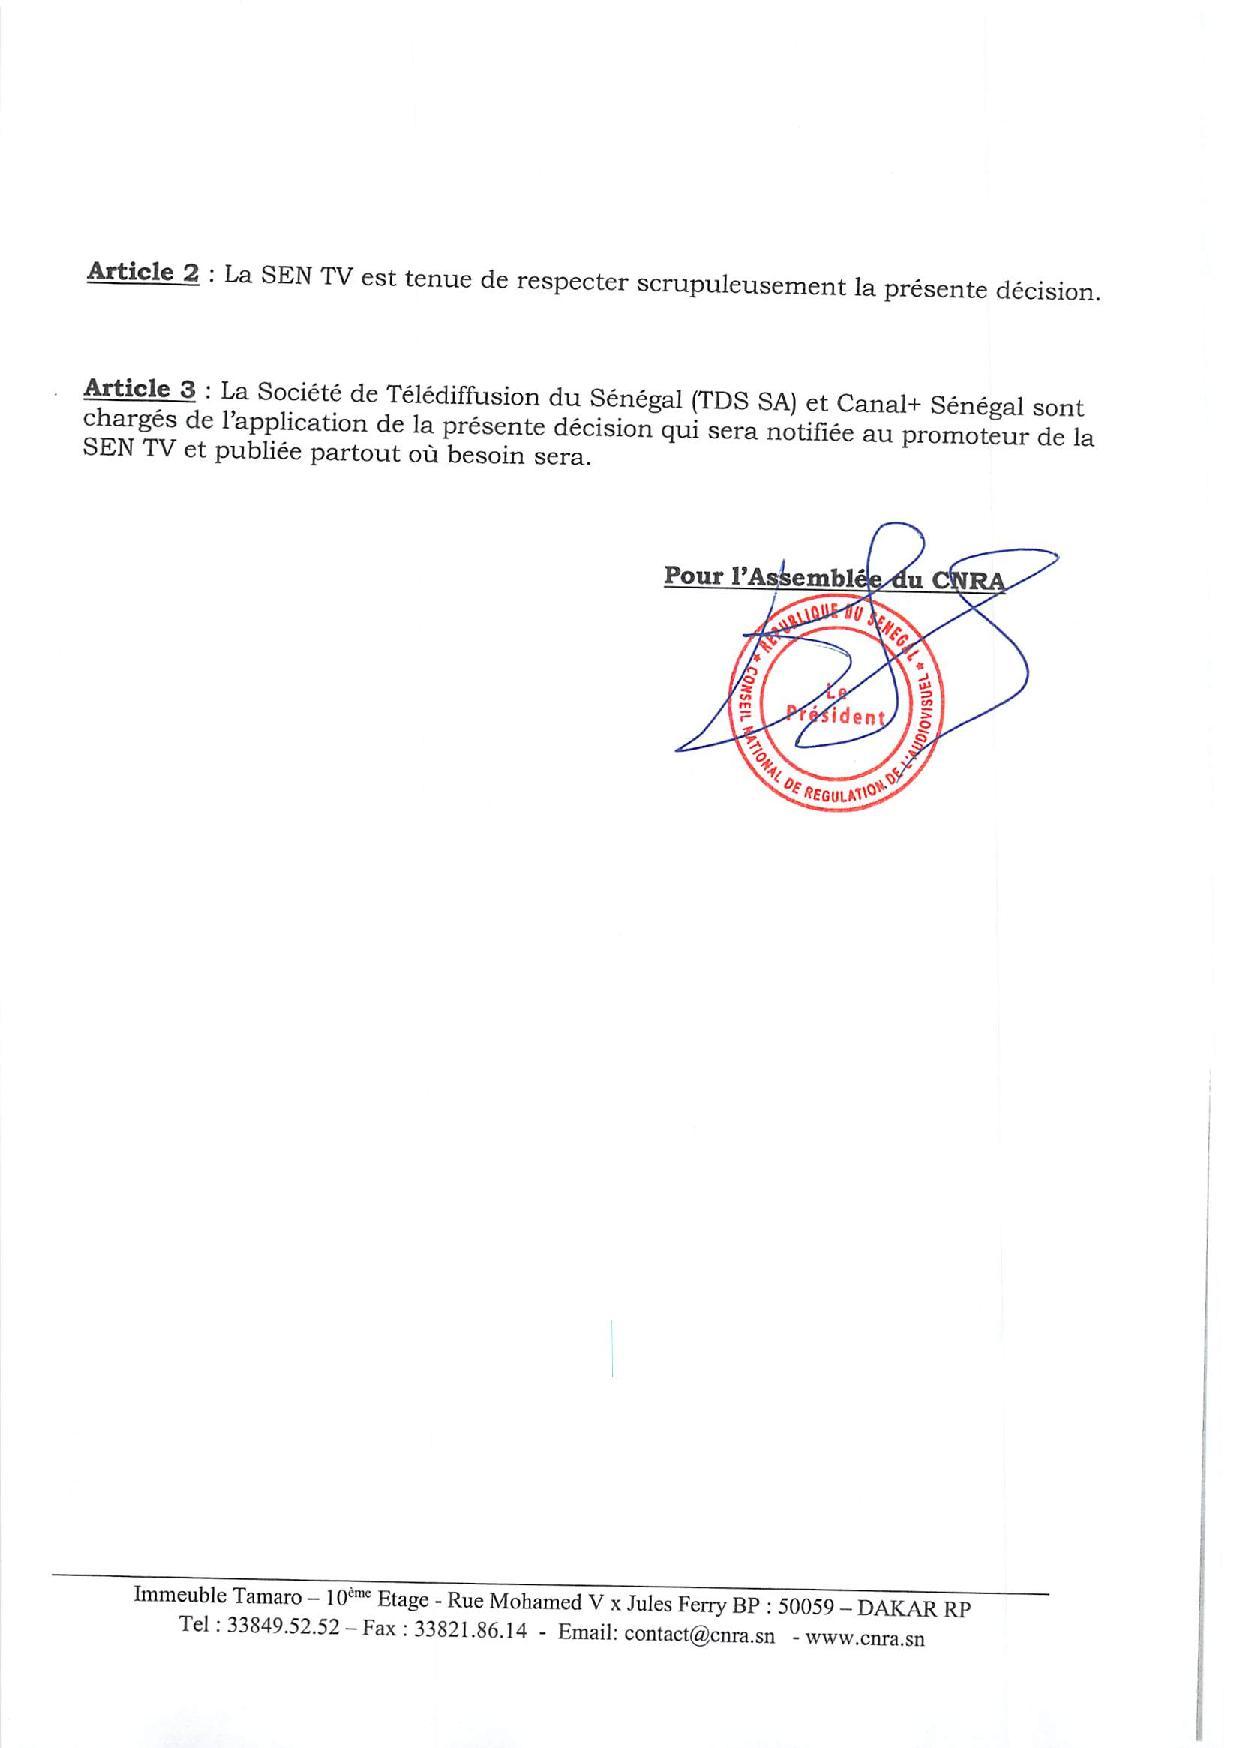 CNRA - Suspension de 7 jours des programmes de SEN TV: Bougane Guèye Dany joue-t-il au pocker ?